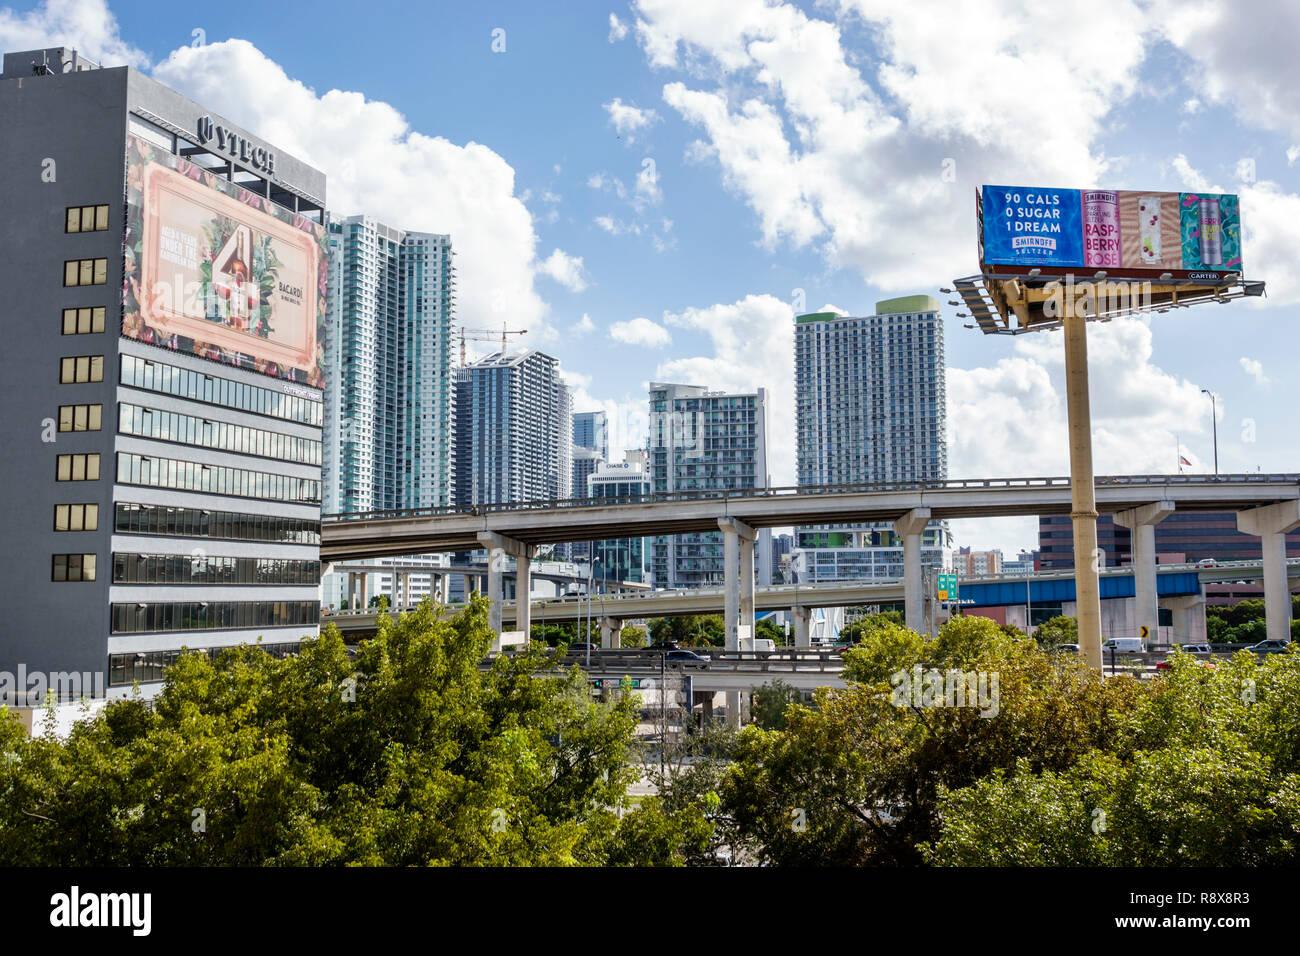 Miami Florida downtown skyline della città di affissioni autostrade sollevata edifici alto residenze condominio Immagini Stock